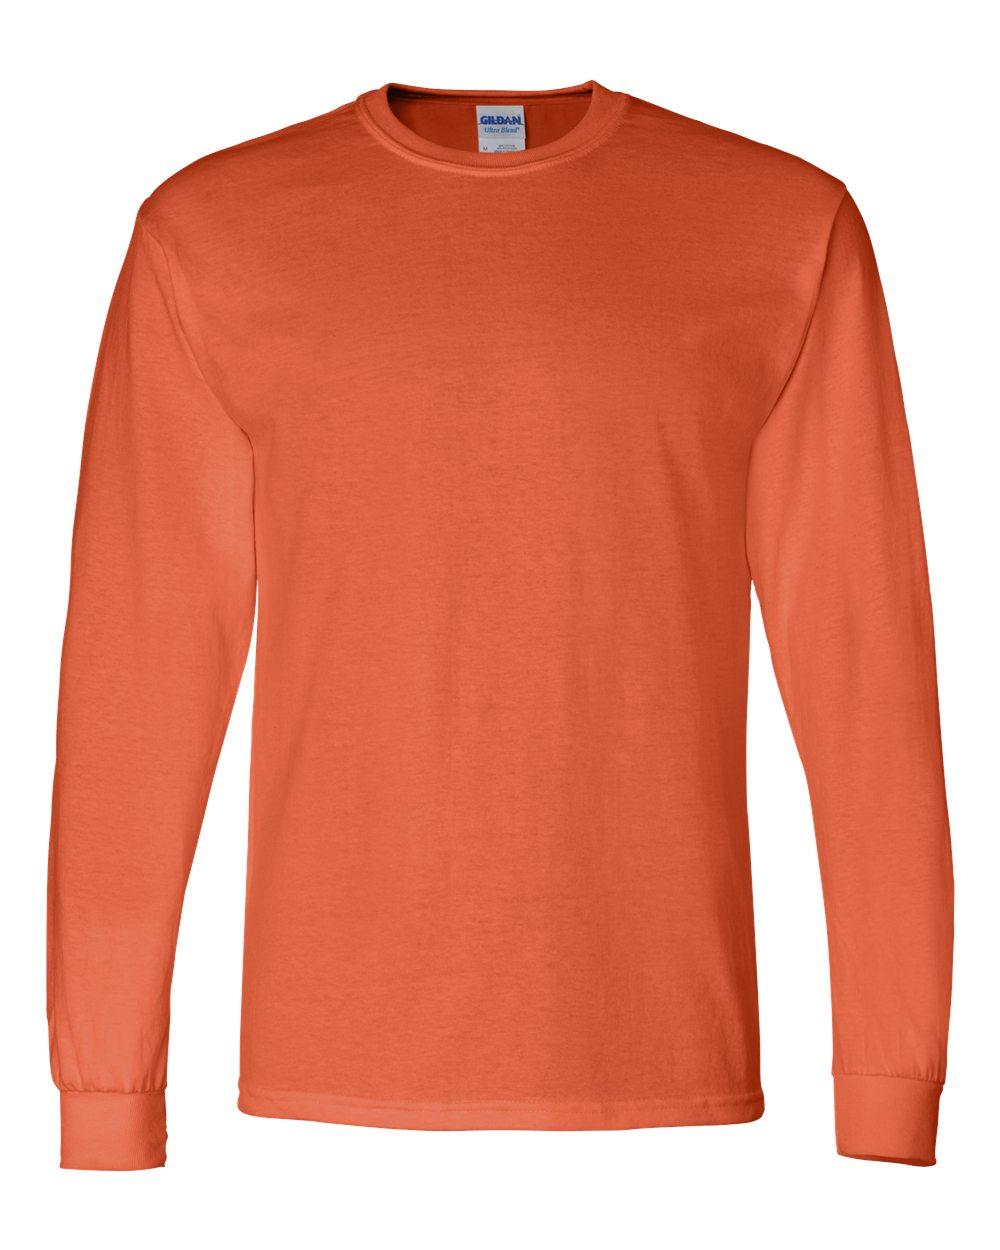 Gildan-Mens-Blank-DryBlend-50-50-Cotton-Long-Sleeve-T-Shirt-8400-up-to-3XL miniature 30